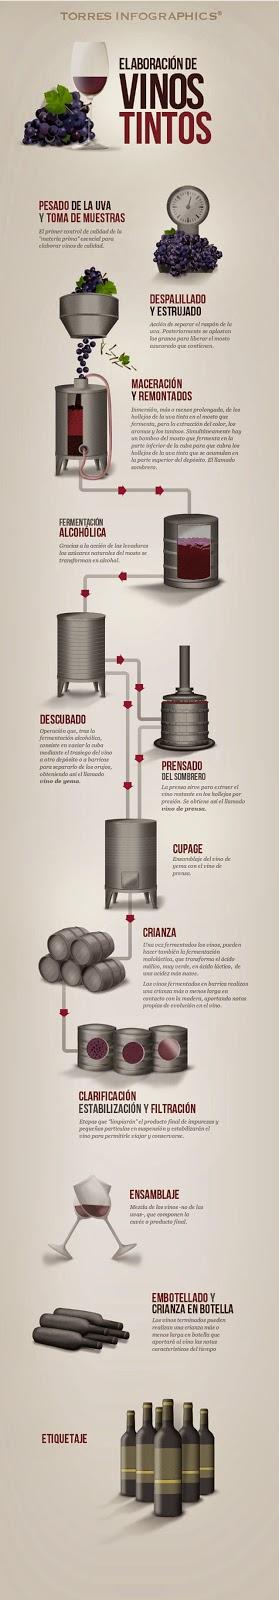 Infografía Vino tinto de Torres